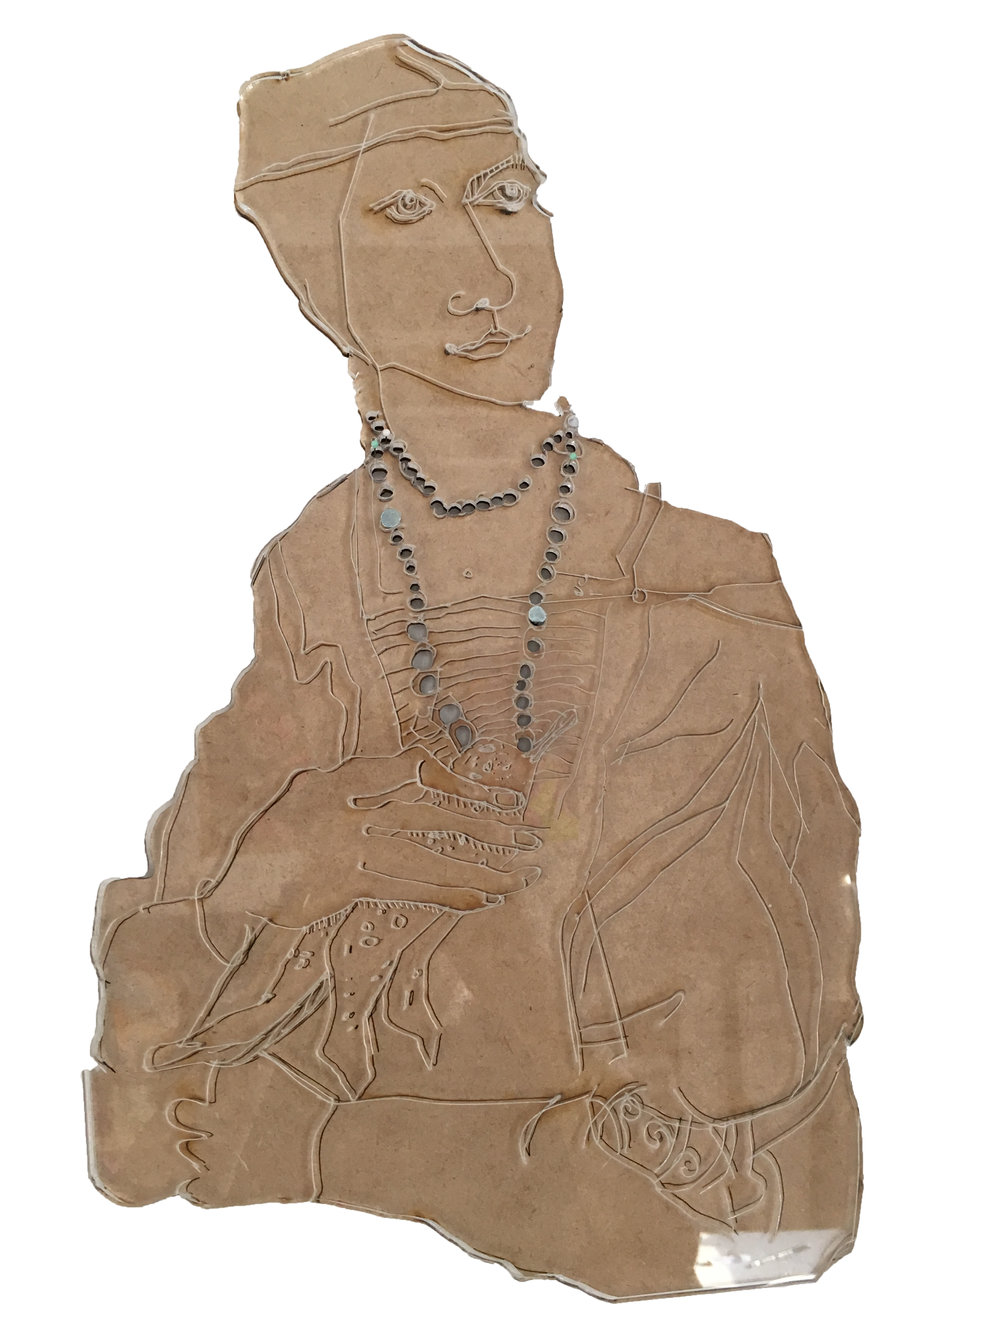 Woman Artifact, 2018, Acrylic Sheet on Panel